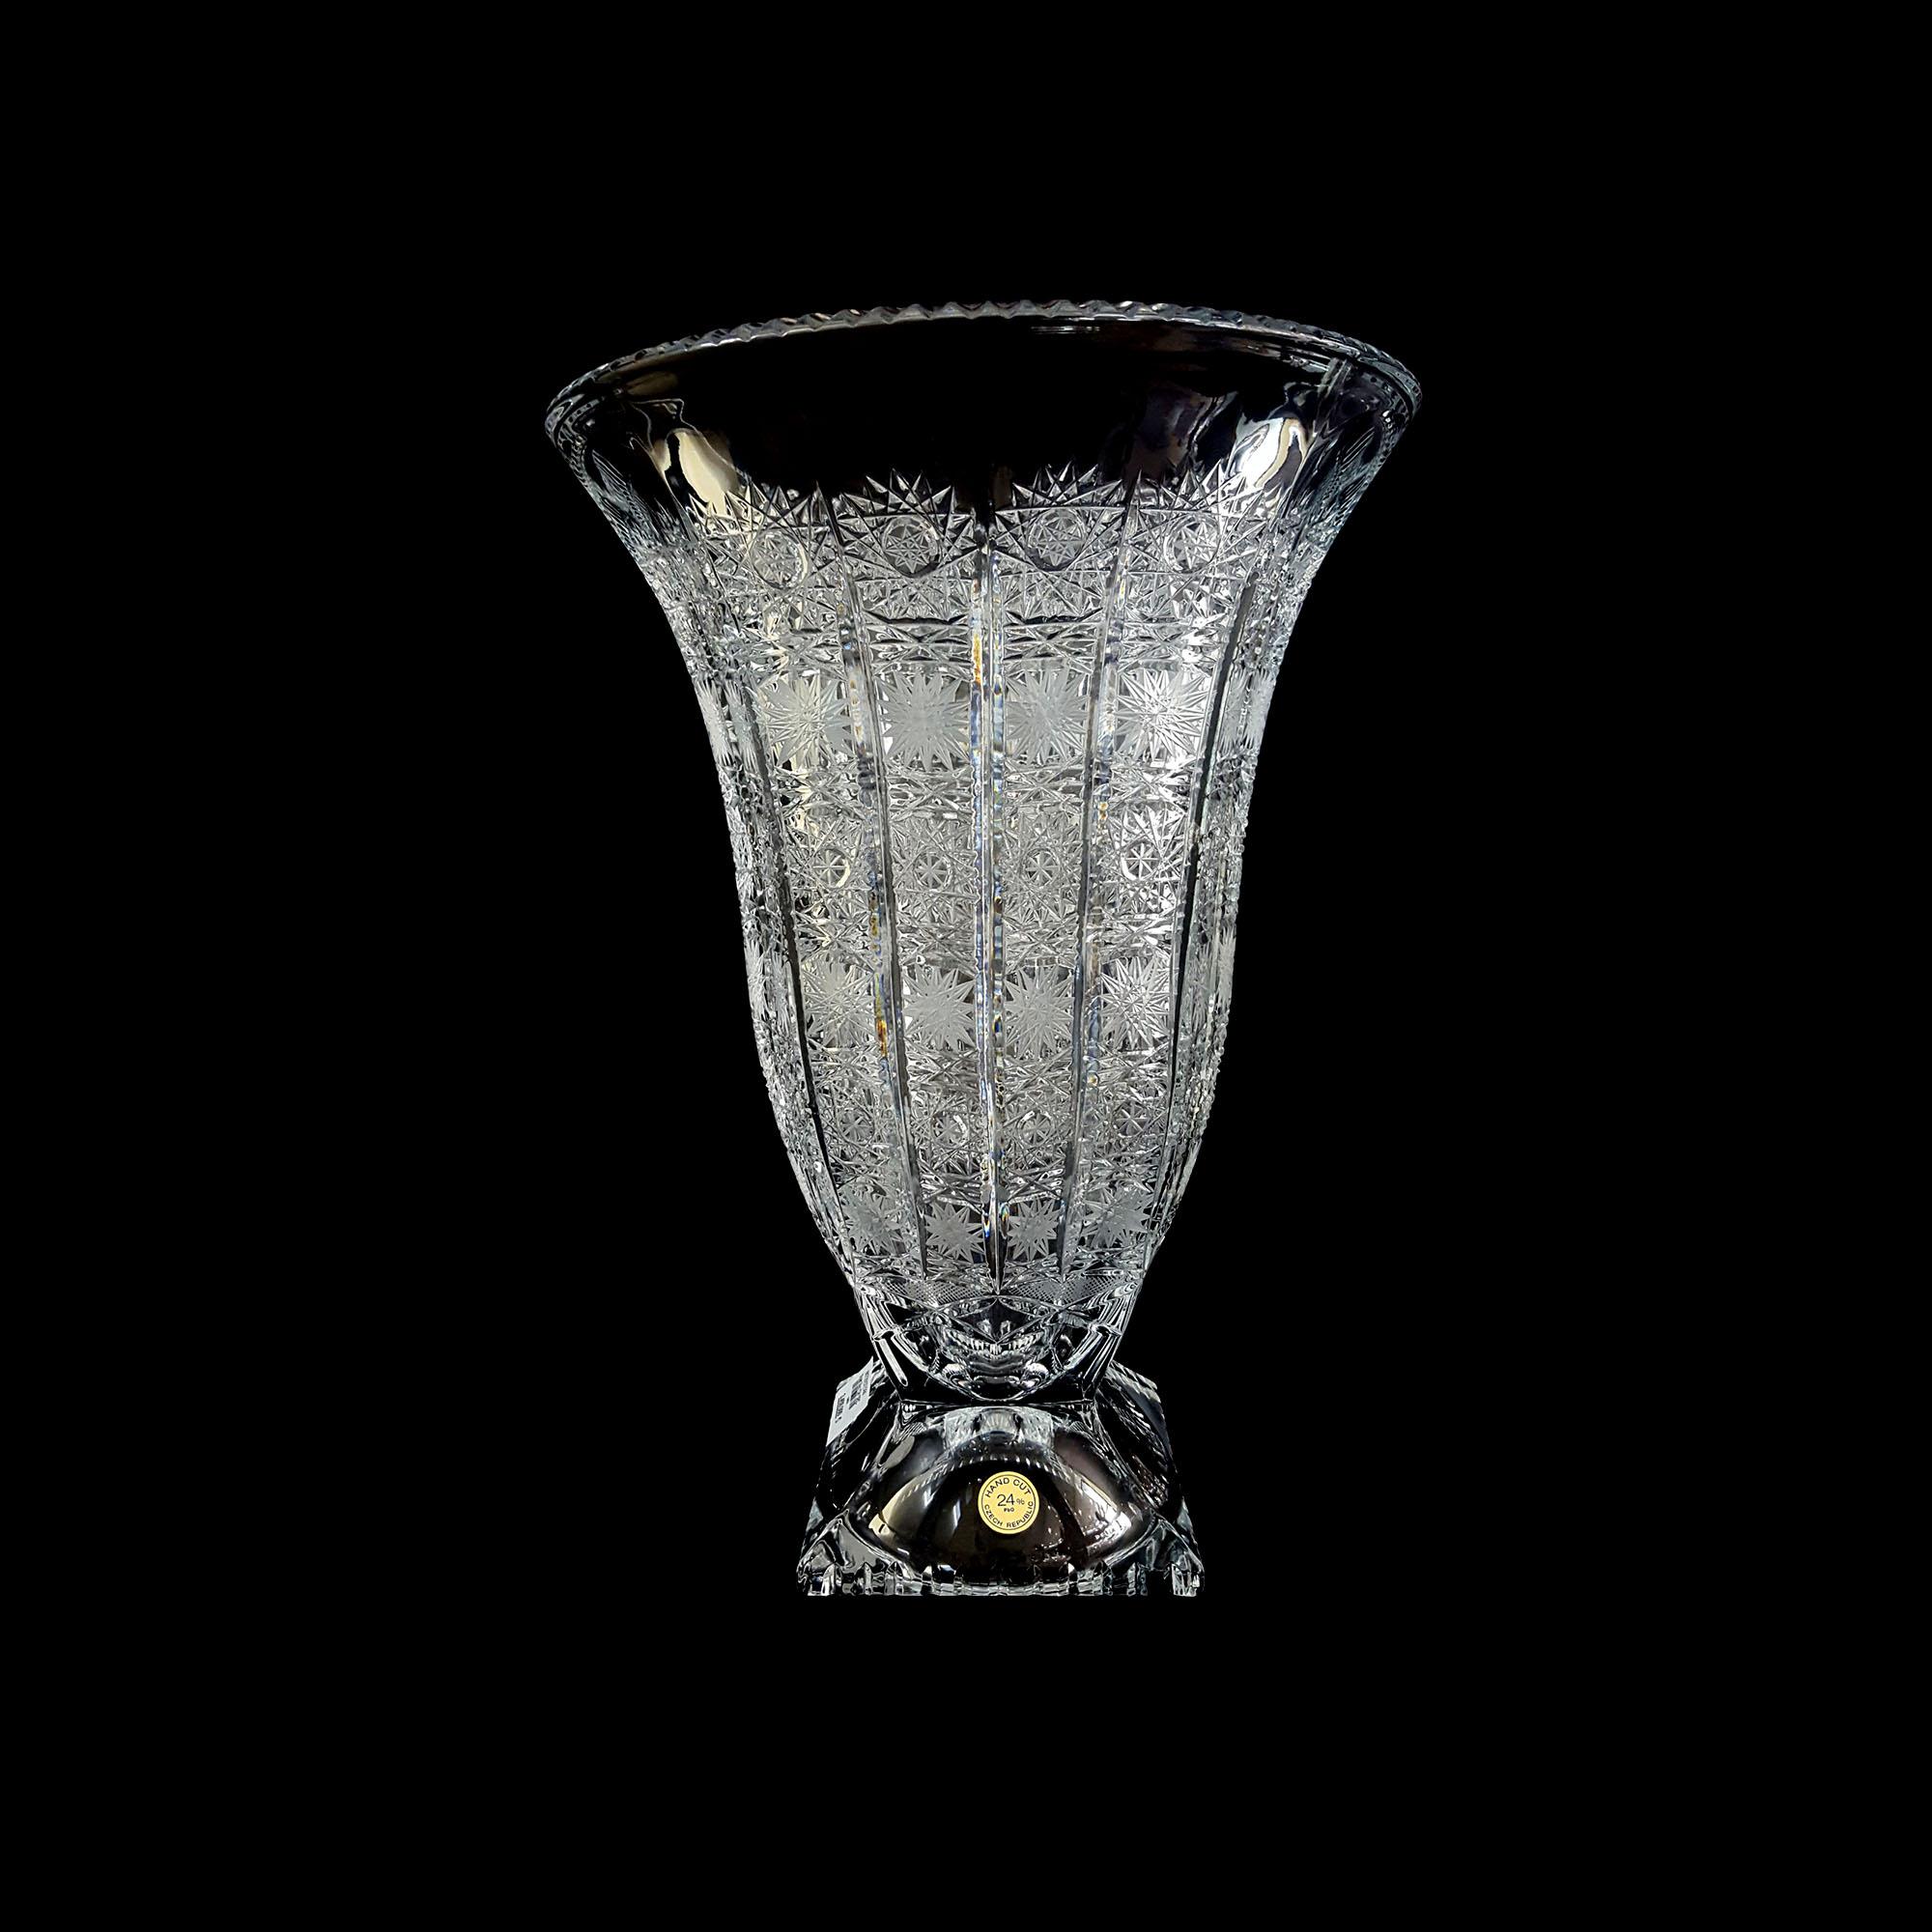 Ảnh minh họa Lọ hoa pha lê 8K729/57/360 36cm